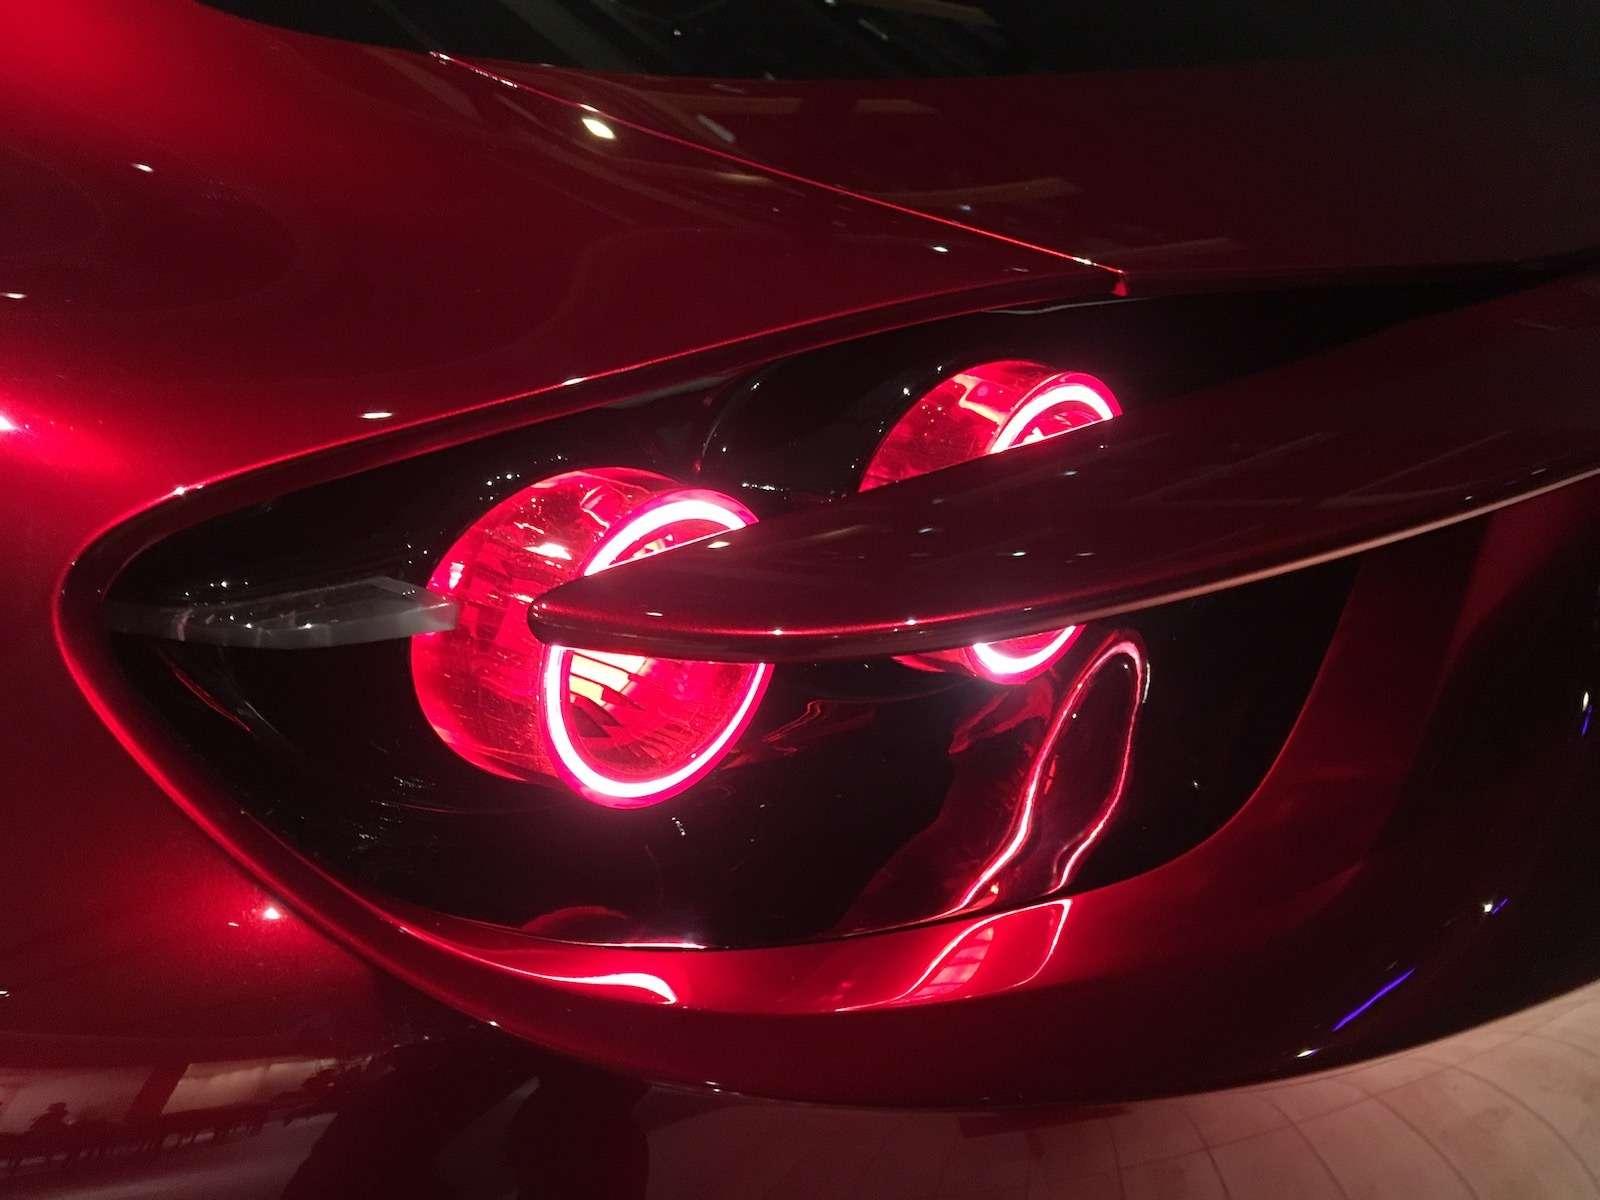 Больше света: Mazda представила обновленную дизайн-концепцию— фото 808873